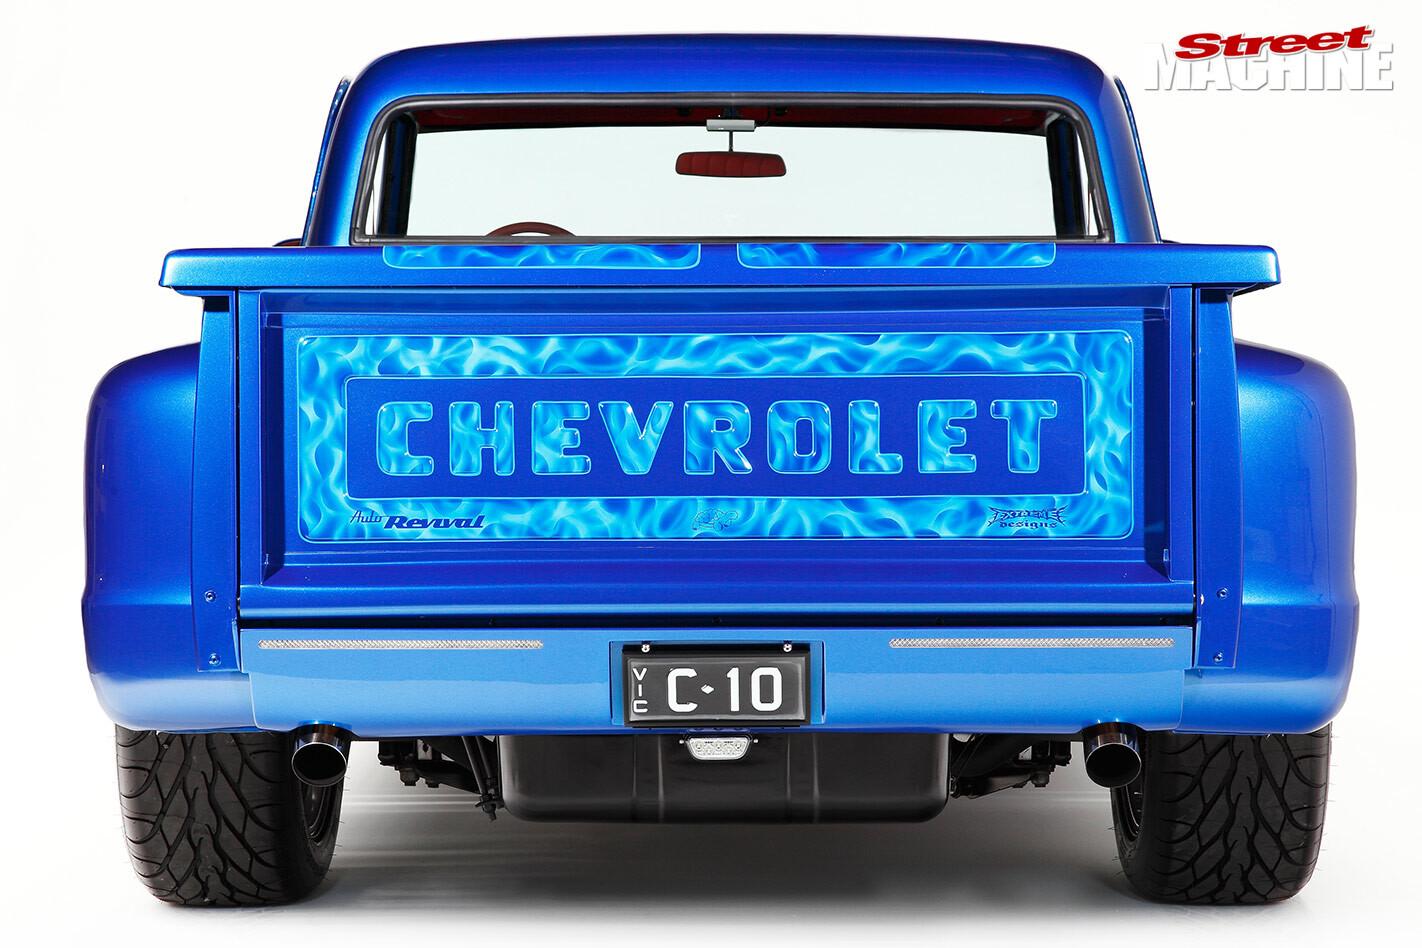 Chev C10 rear